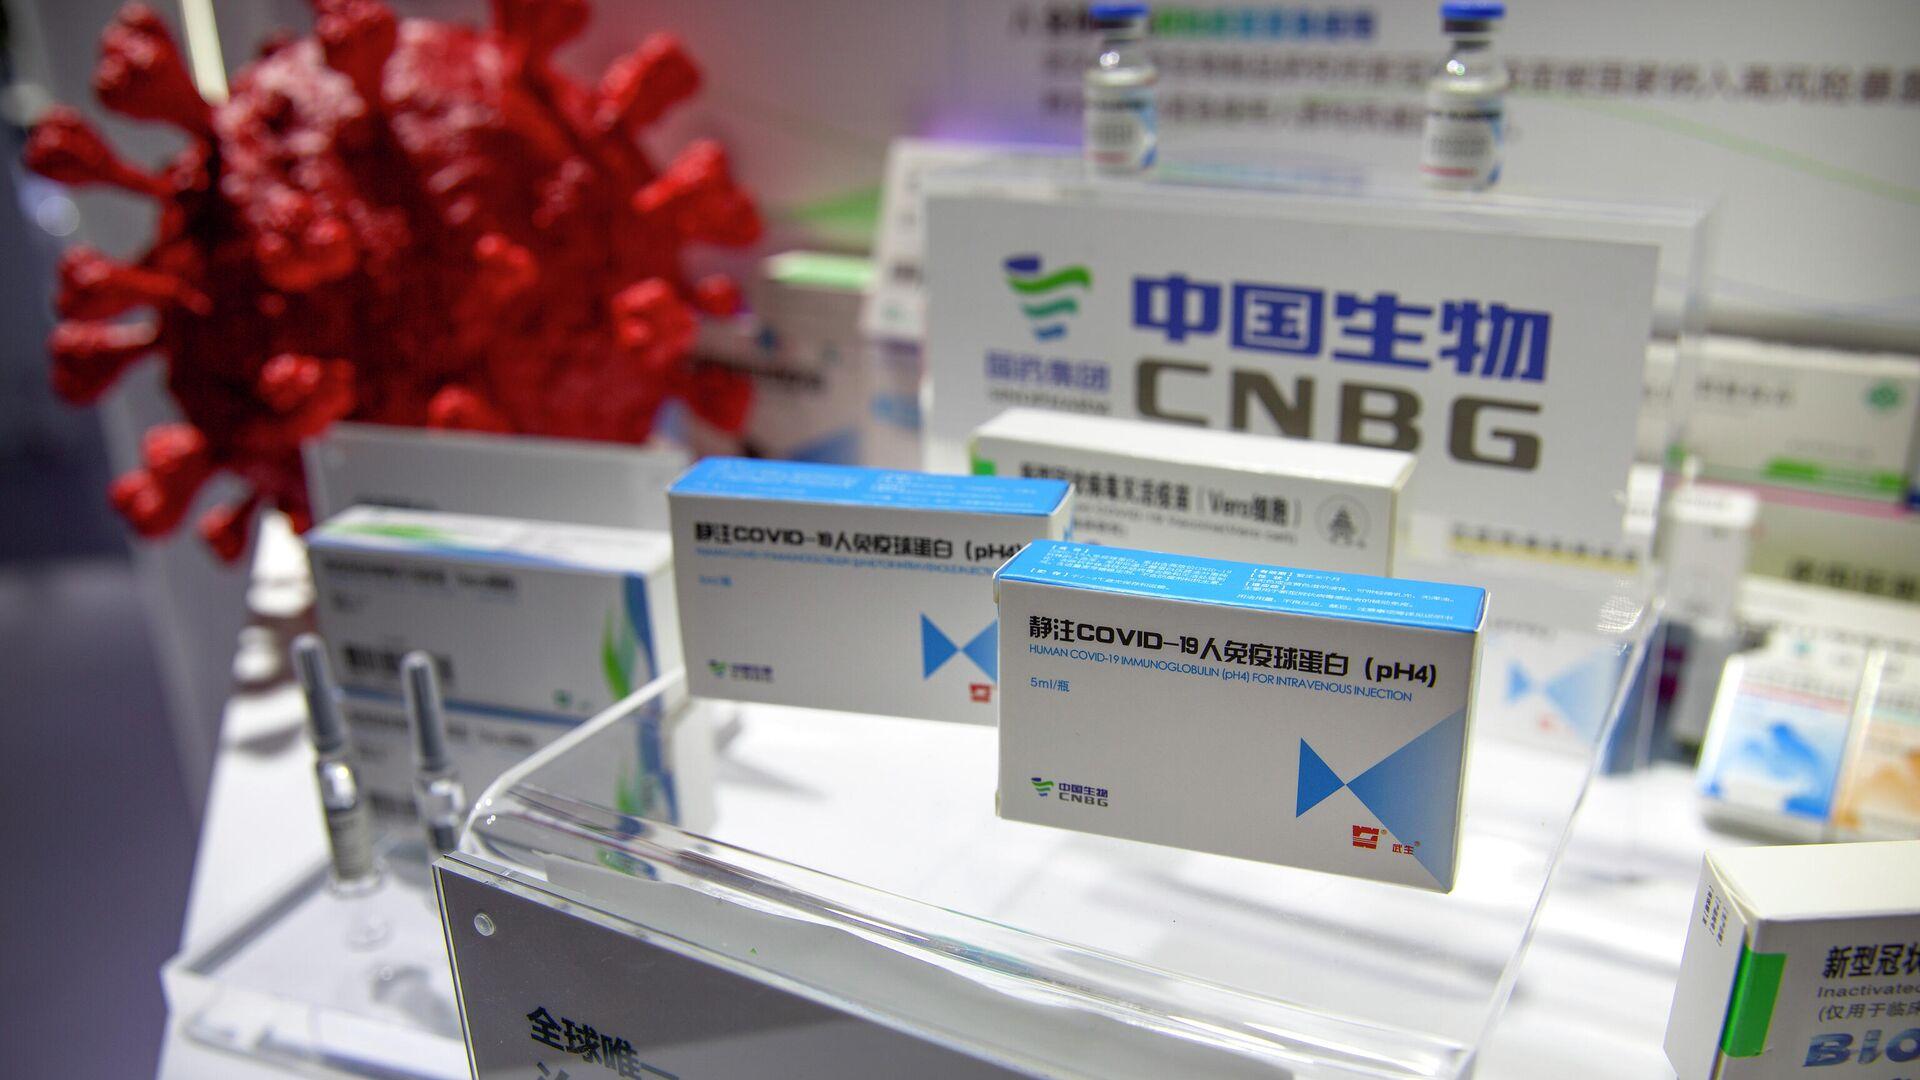 Упаковка средства для борьбы с вирусом COVID-19 производства китайской фармацевтической фирмы Sinopharm - РИА Новости, 1920, 01.02.2021